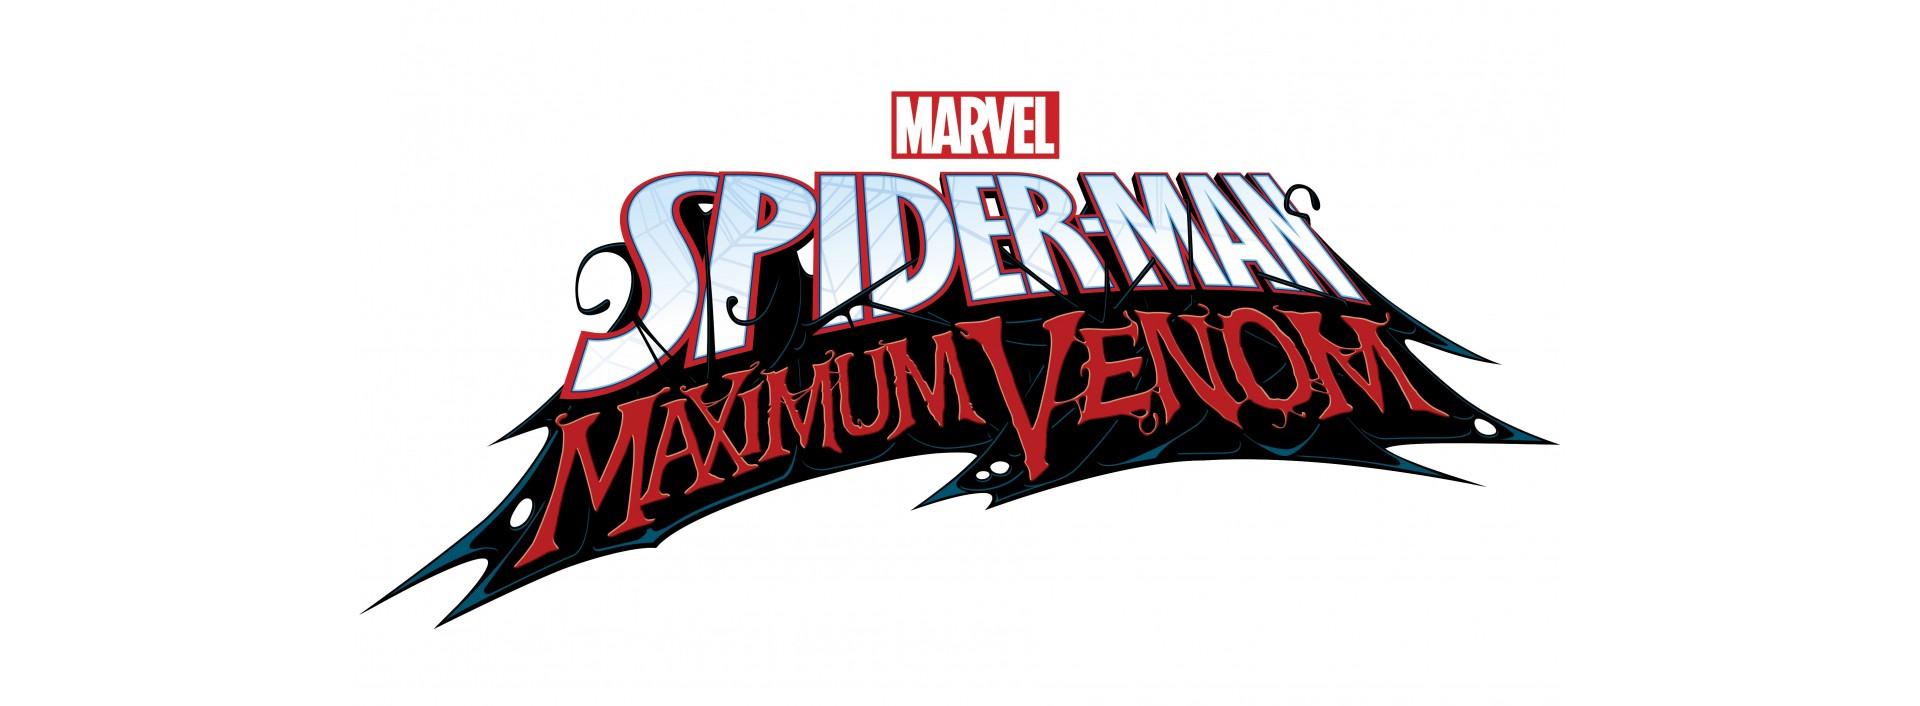 SPIDER-MAN MAXIMUM VENOM